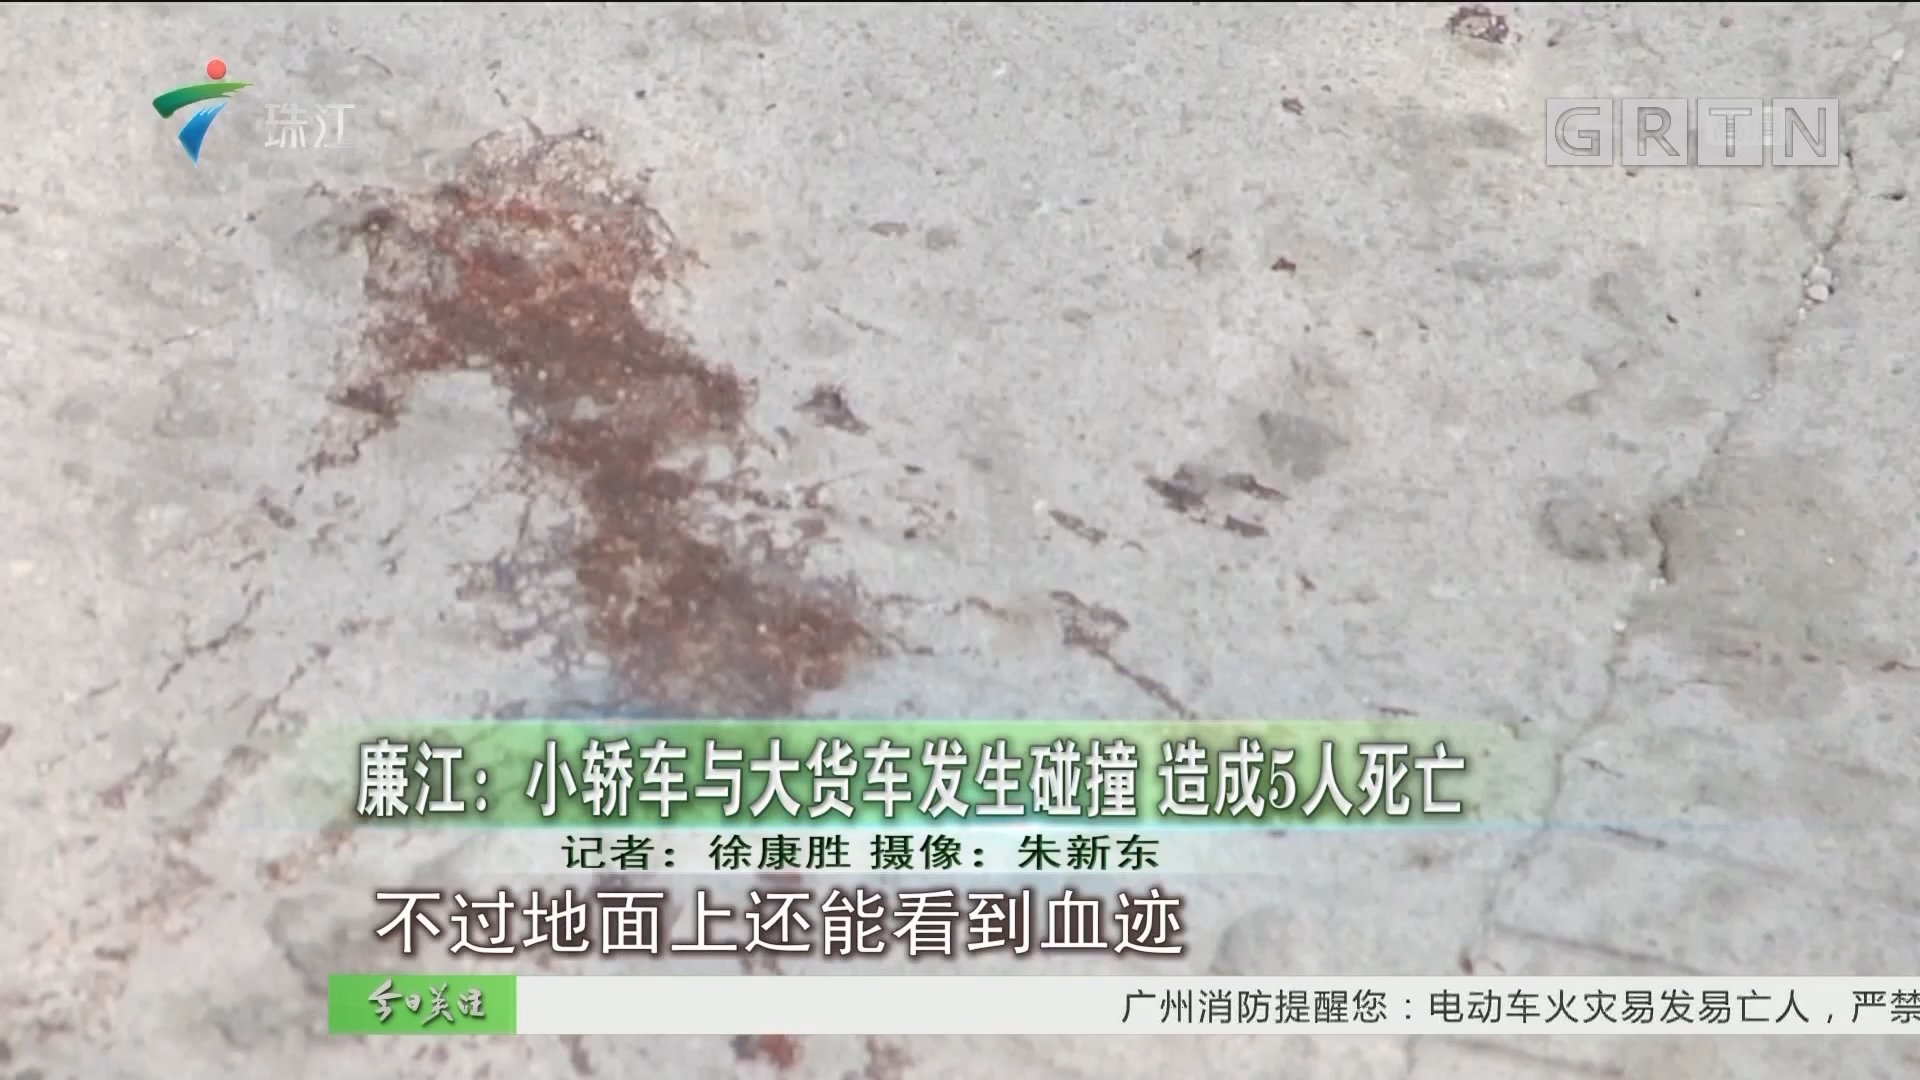 廉江:小轿车与大货车发生碰撞 造成5人死亡